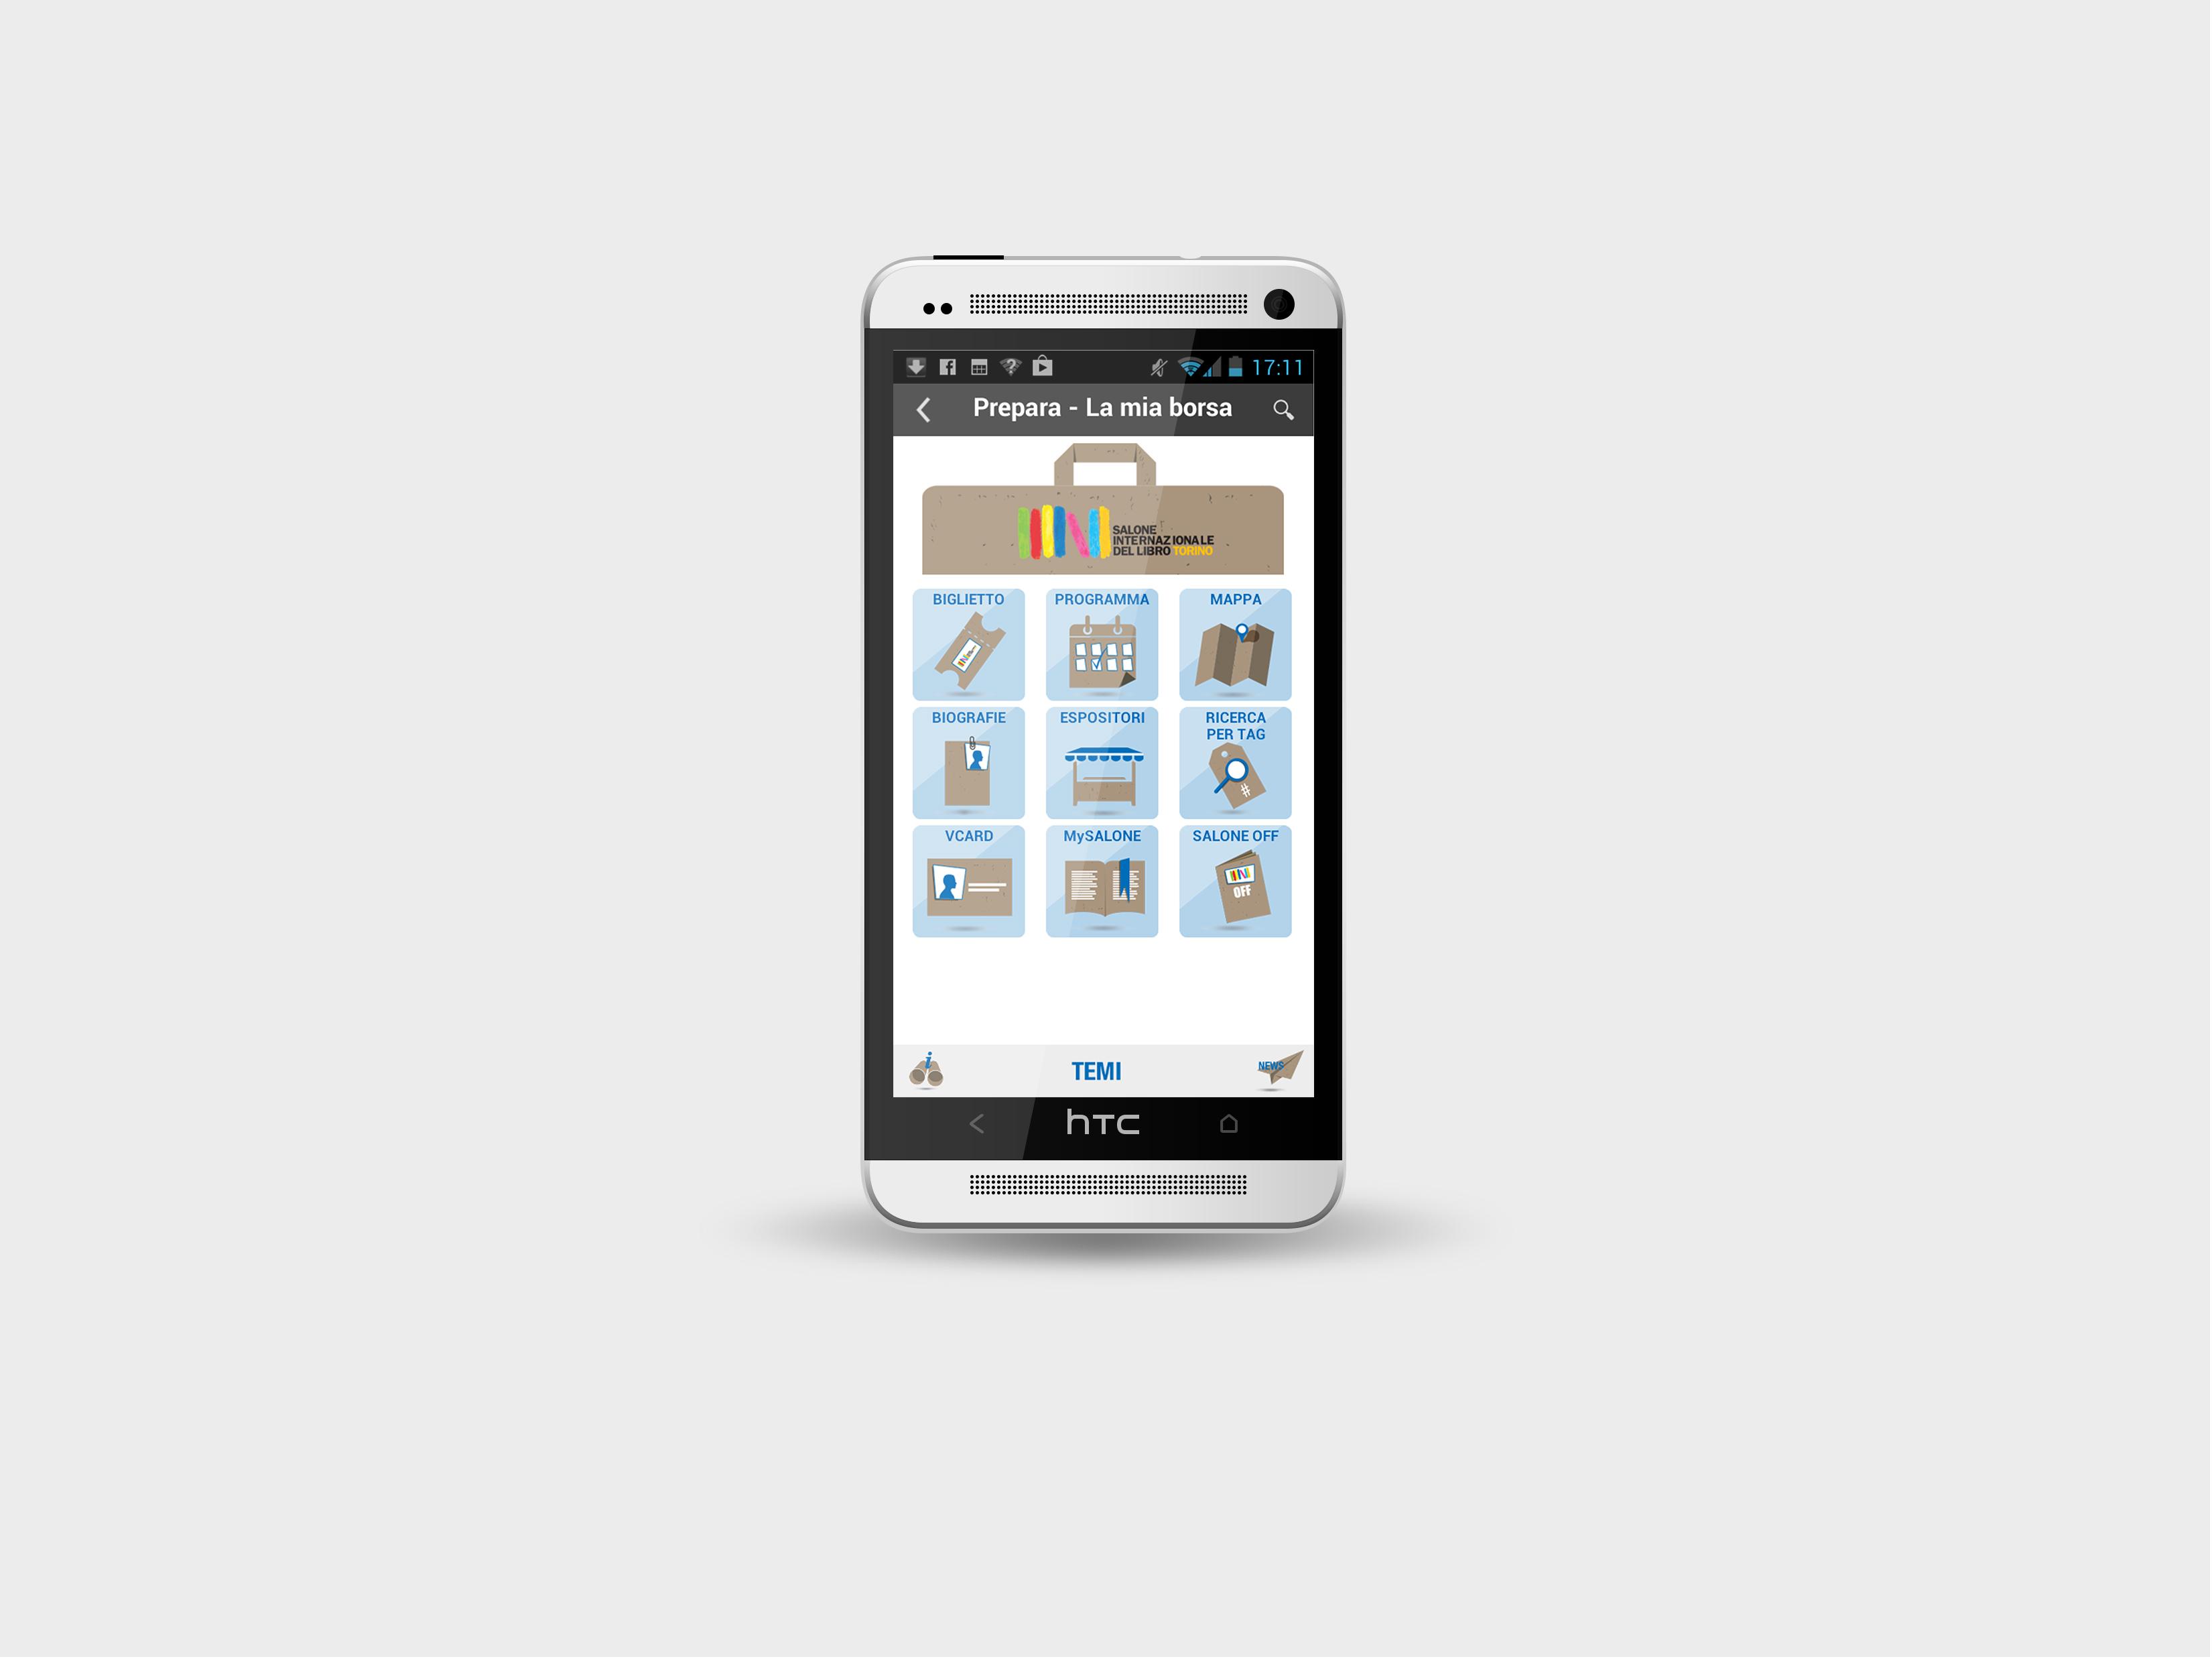 Salto Icone App Salone Del Libro 2014 Boda